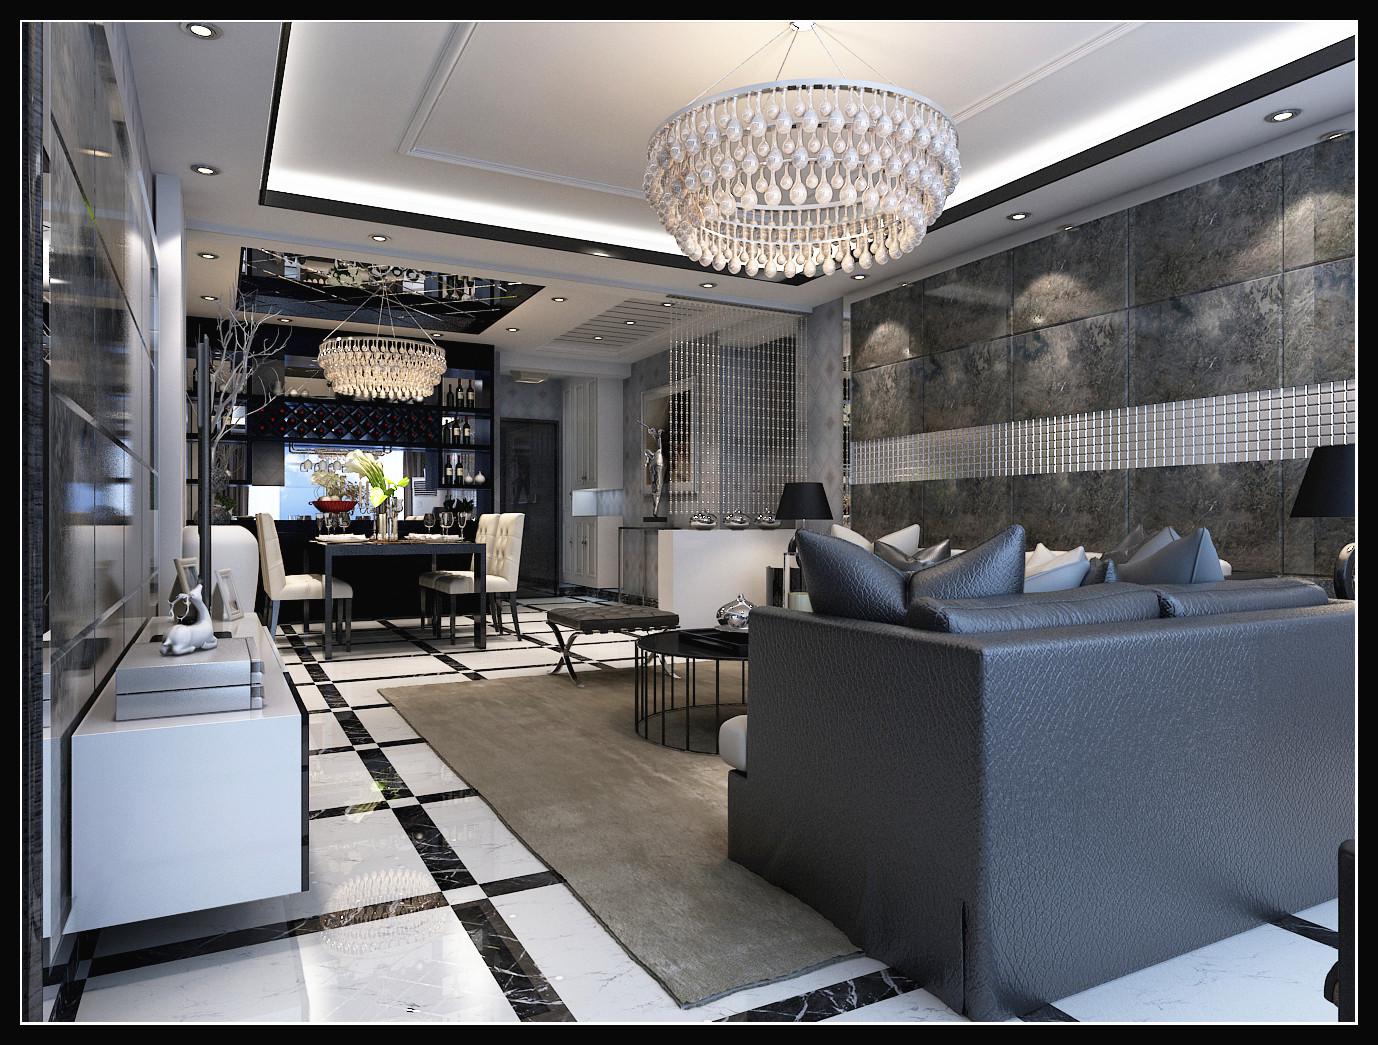 简约 混搭 白领 时尚 客厅图片来自石家庄城市人家装饰在最新时尚黑白搭配效果图案例的分享